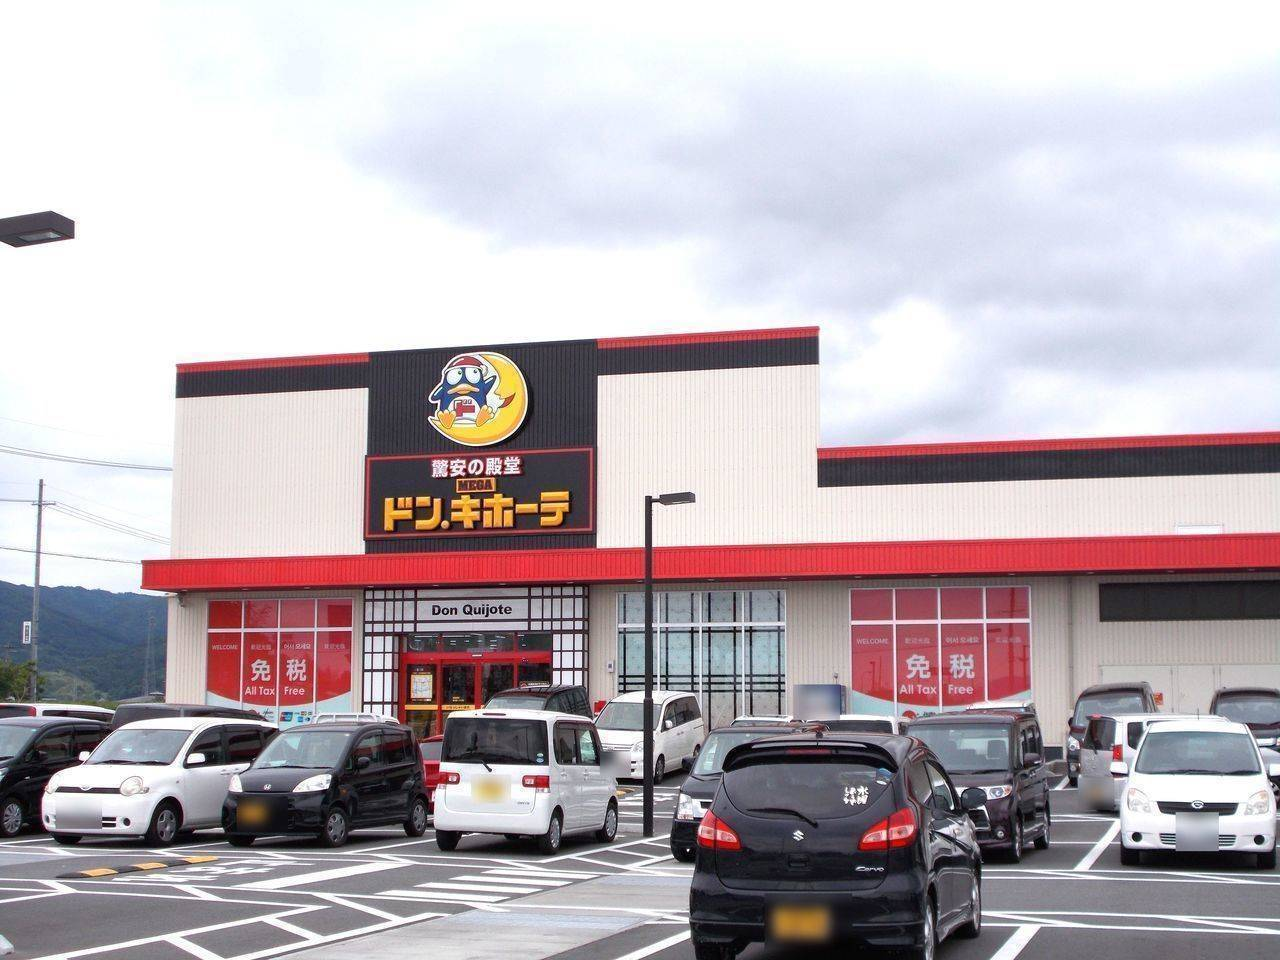 【ショッピングセンター】MEGAドンキホーテ桜井店